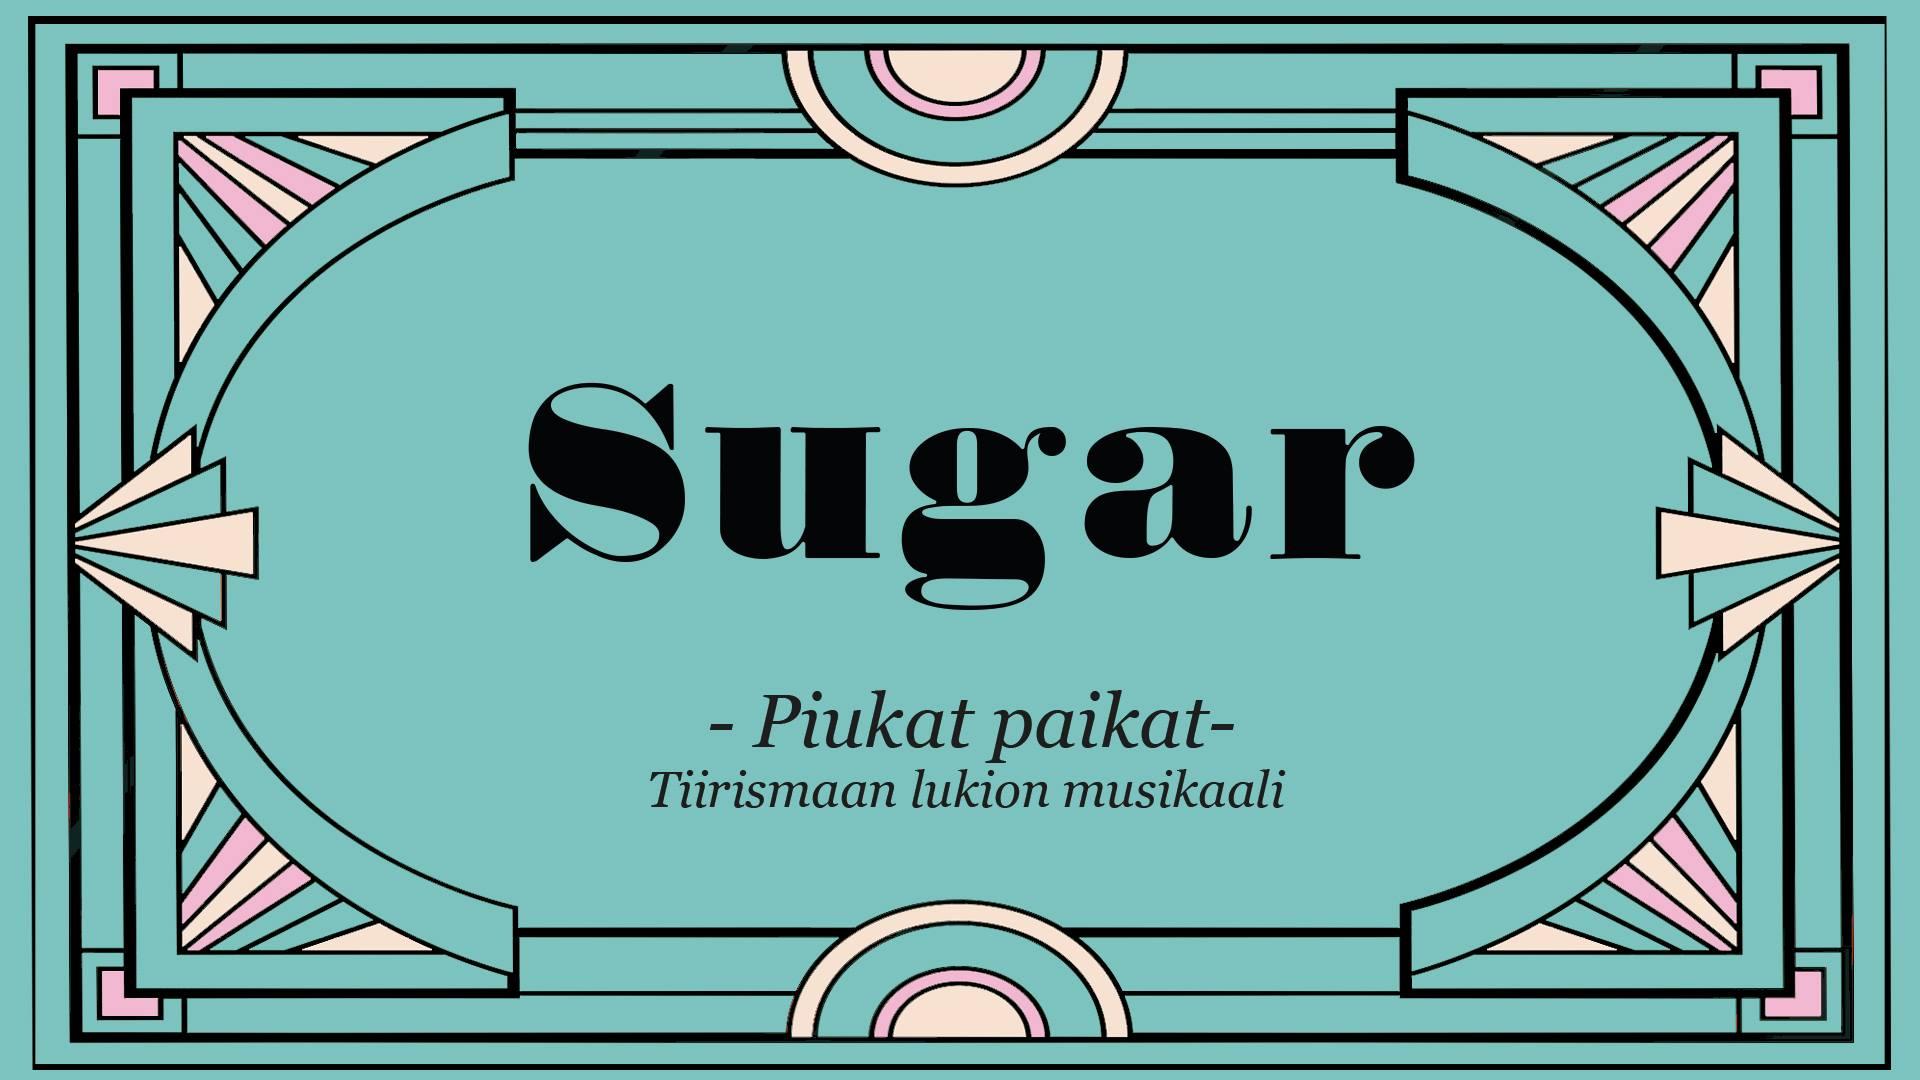 Tiirismaan lukion musikaali 2020 Sugar – Piukat paikat.